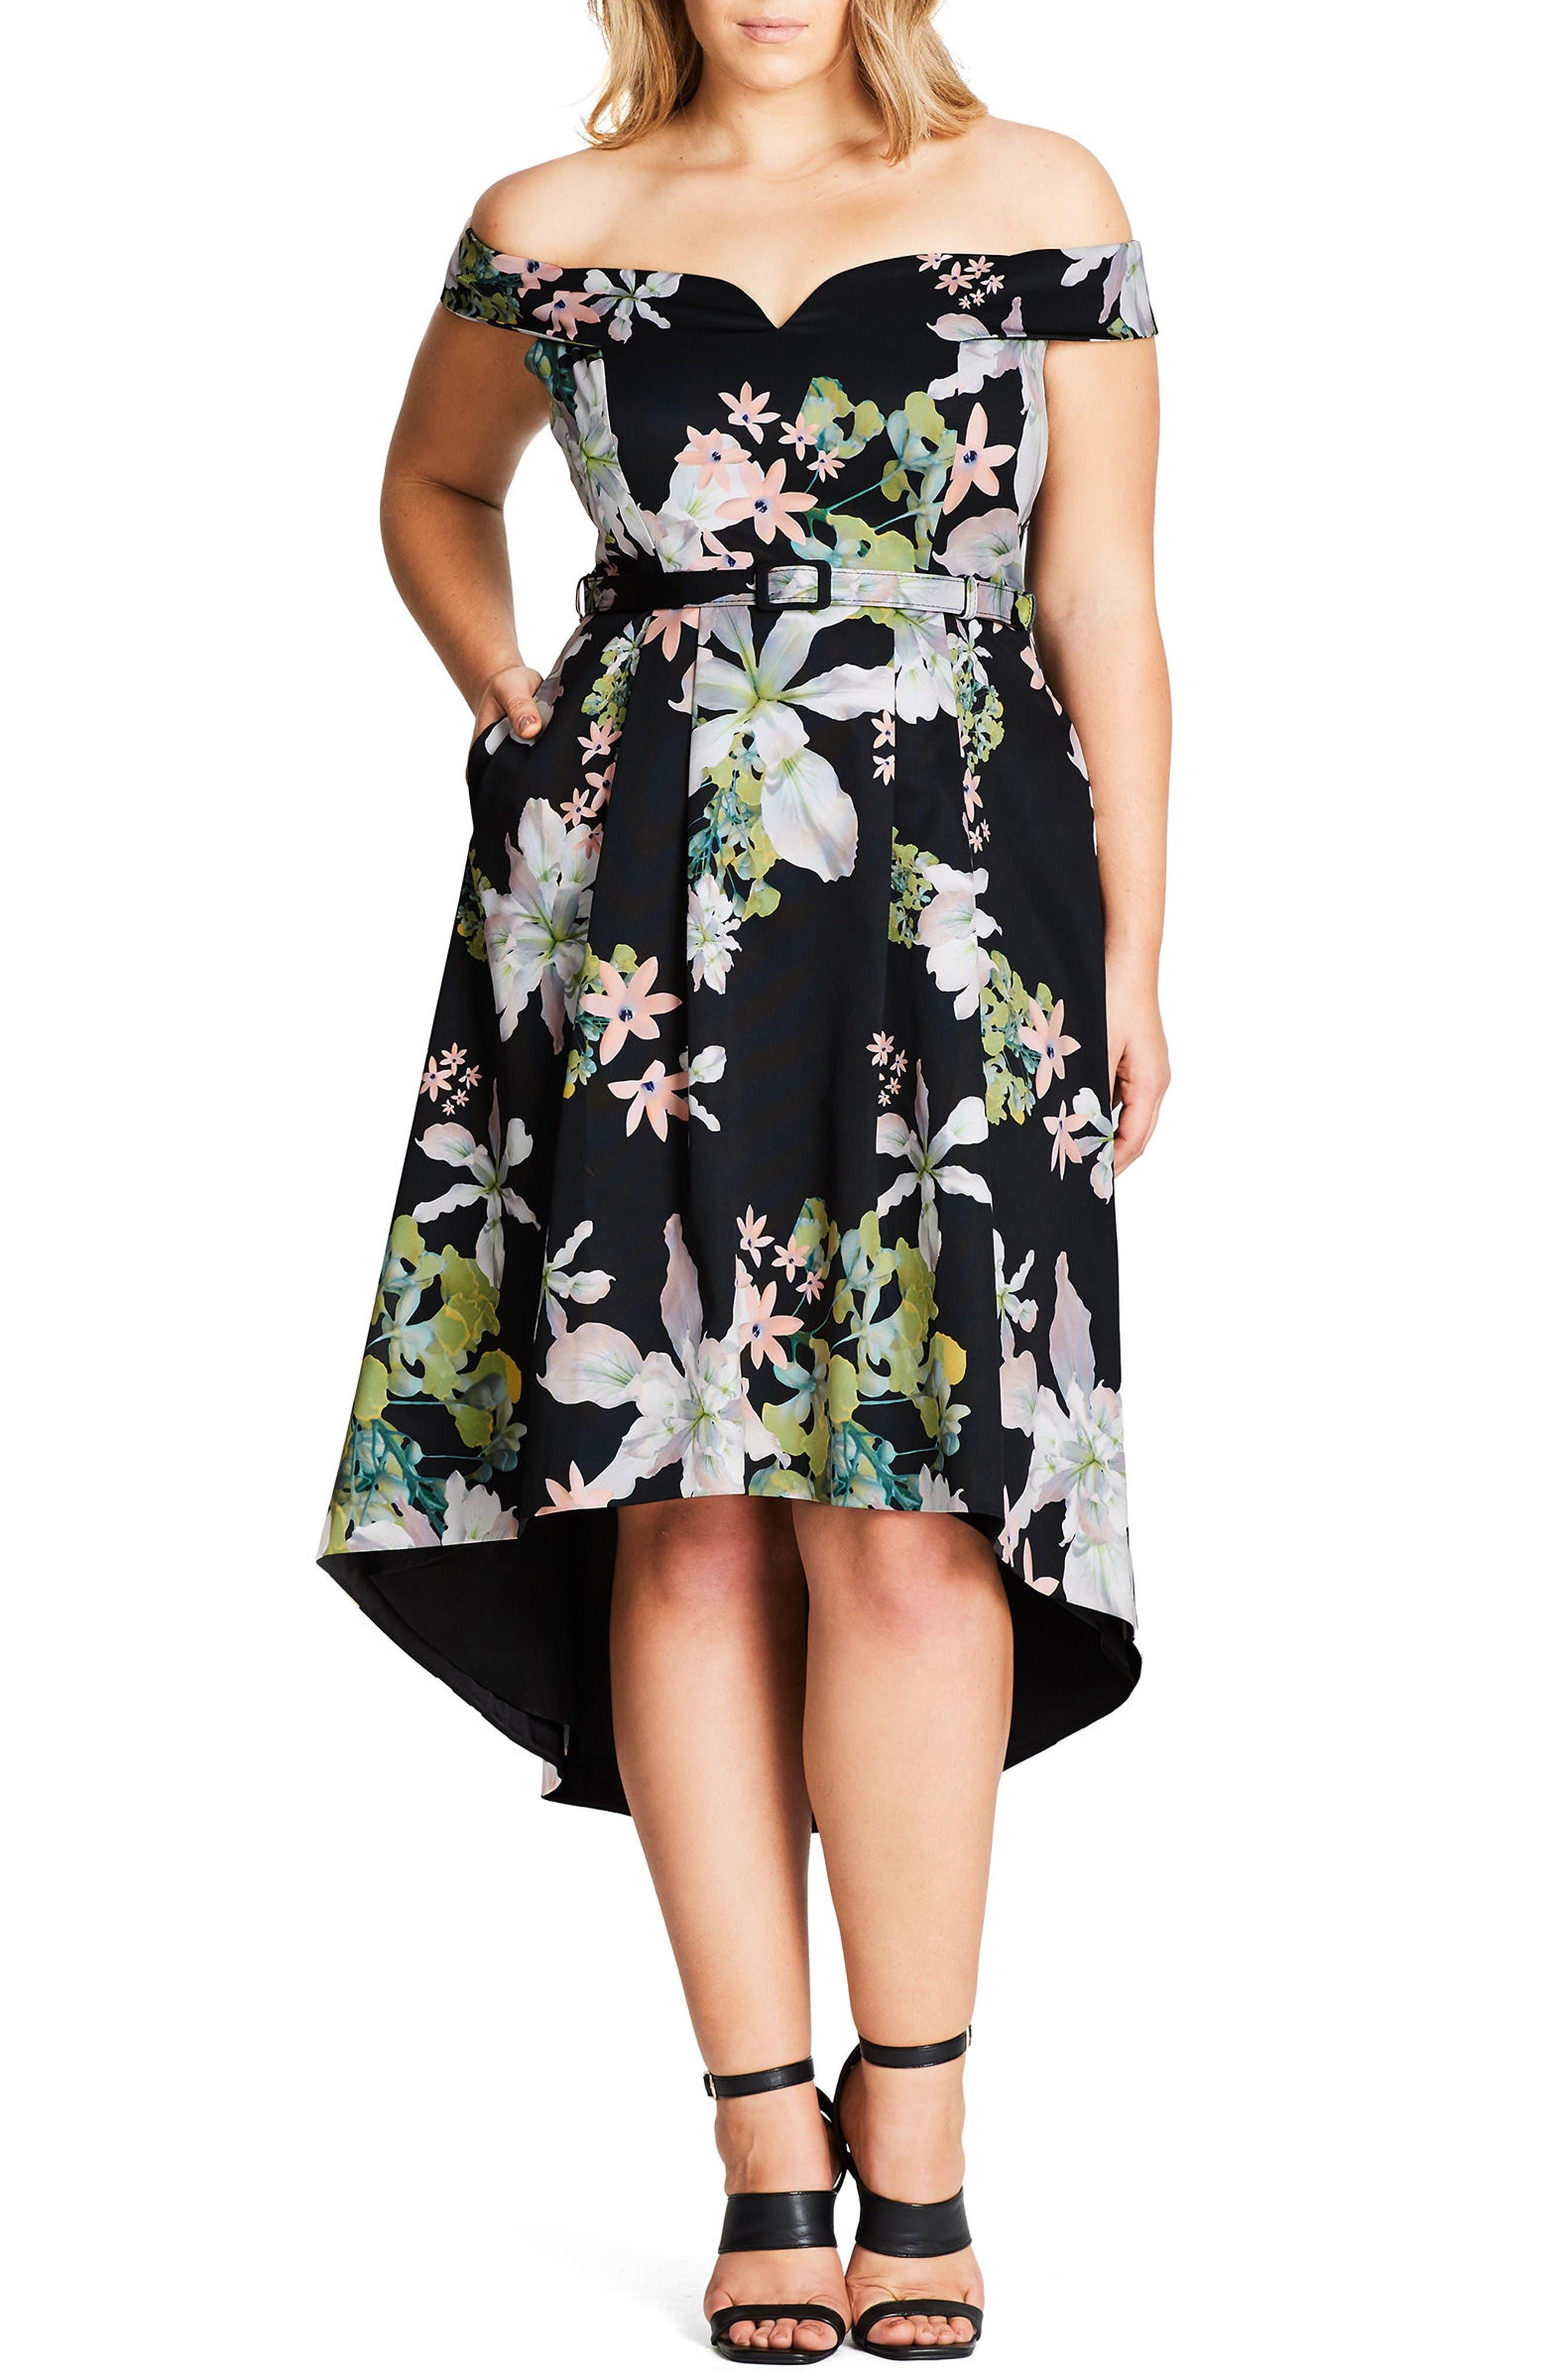 CITY CHIC Spring Belted Off the Shoulder Dress